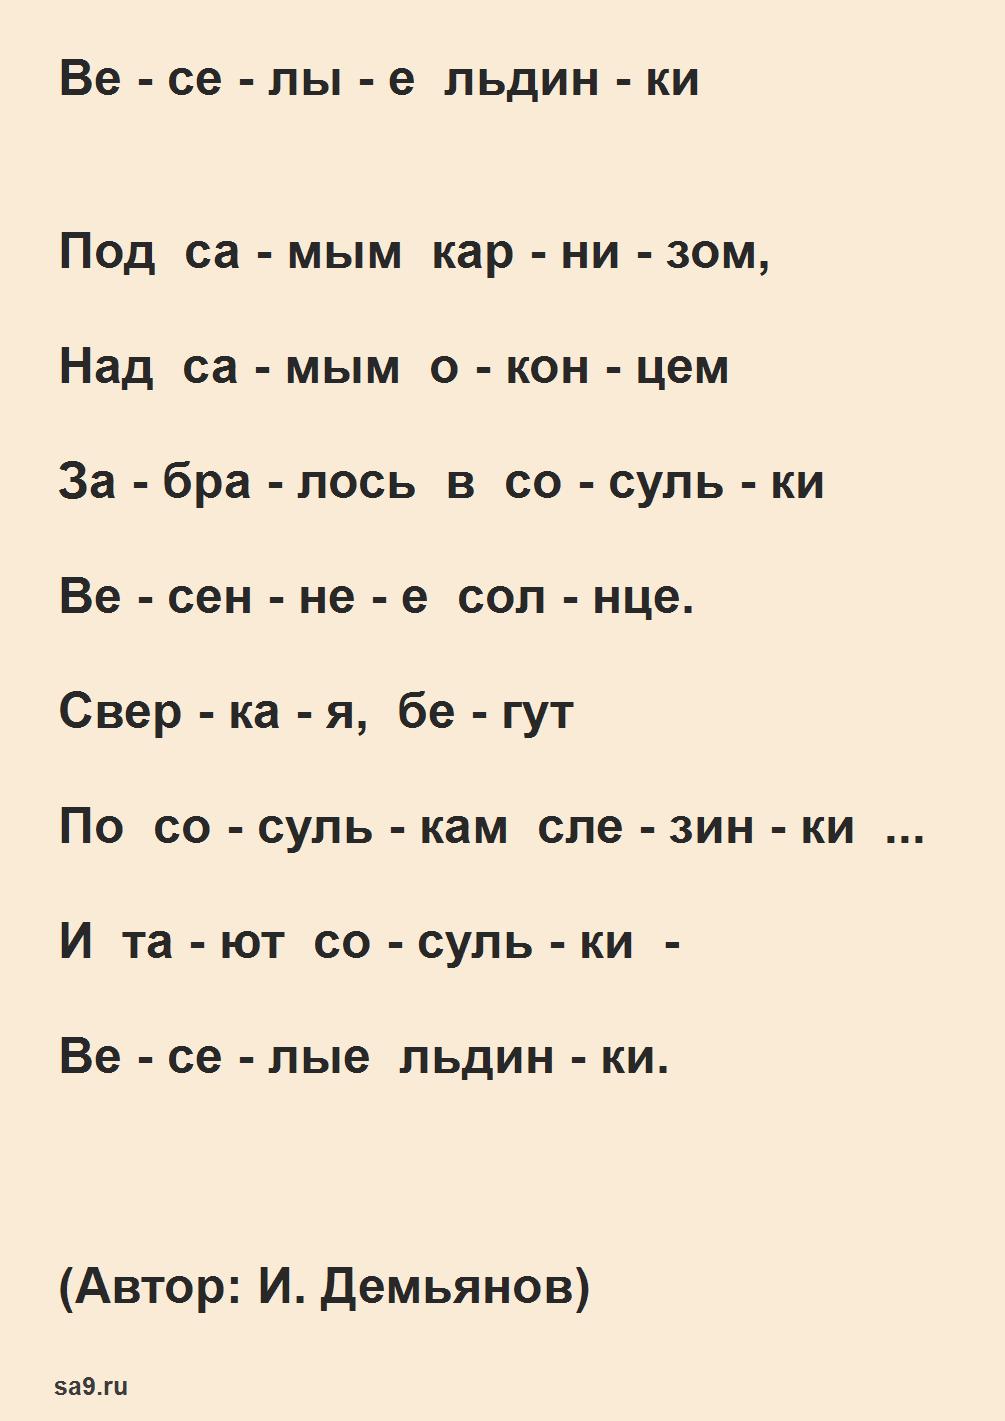 Читаем по слогам интересные стихи для детей